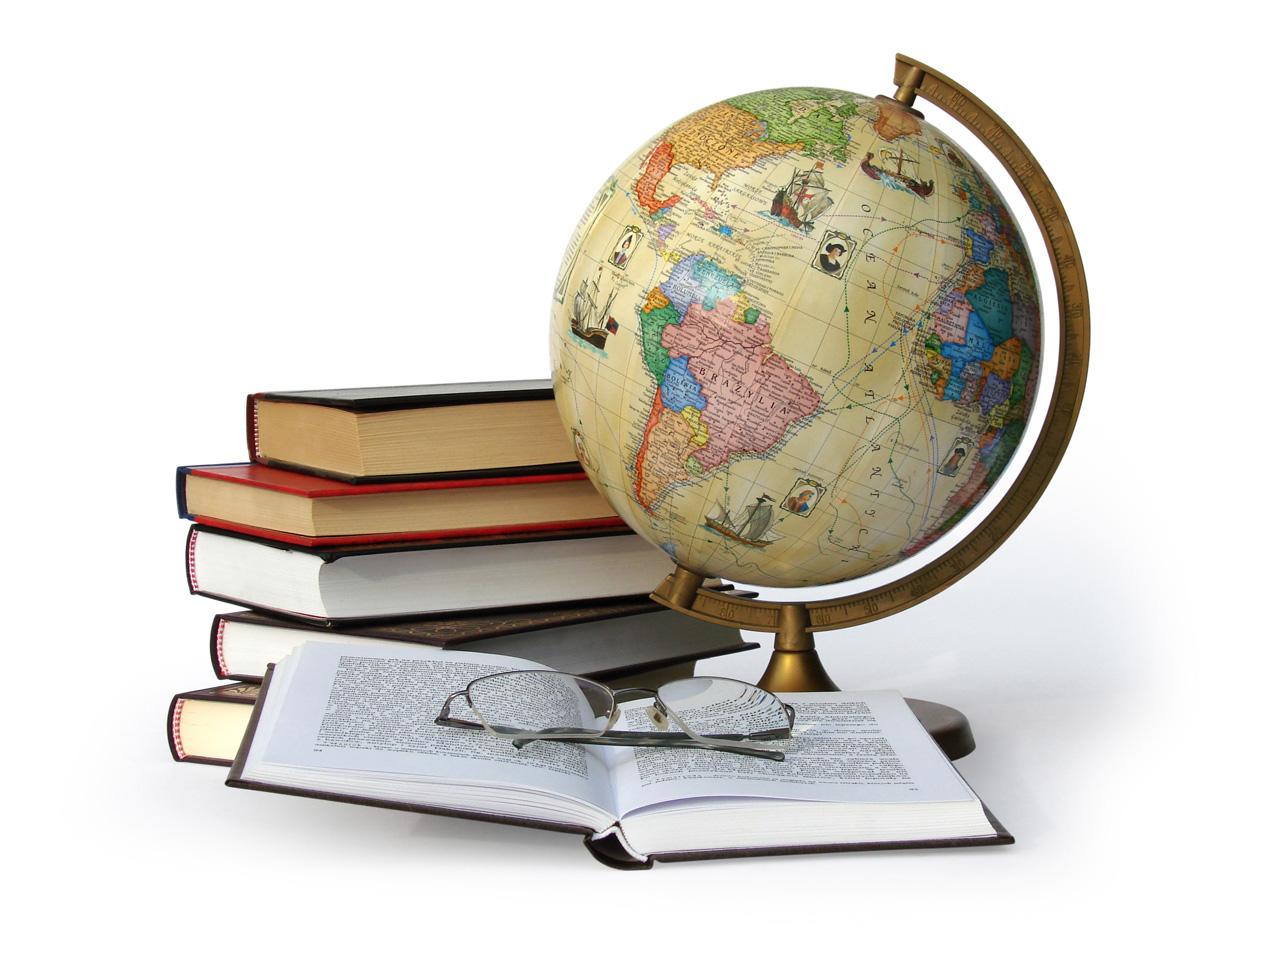 ответы на тесты по аттестации педагогов на соответствие должности